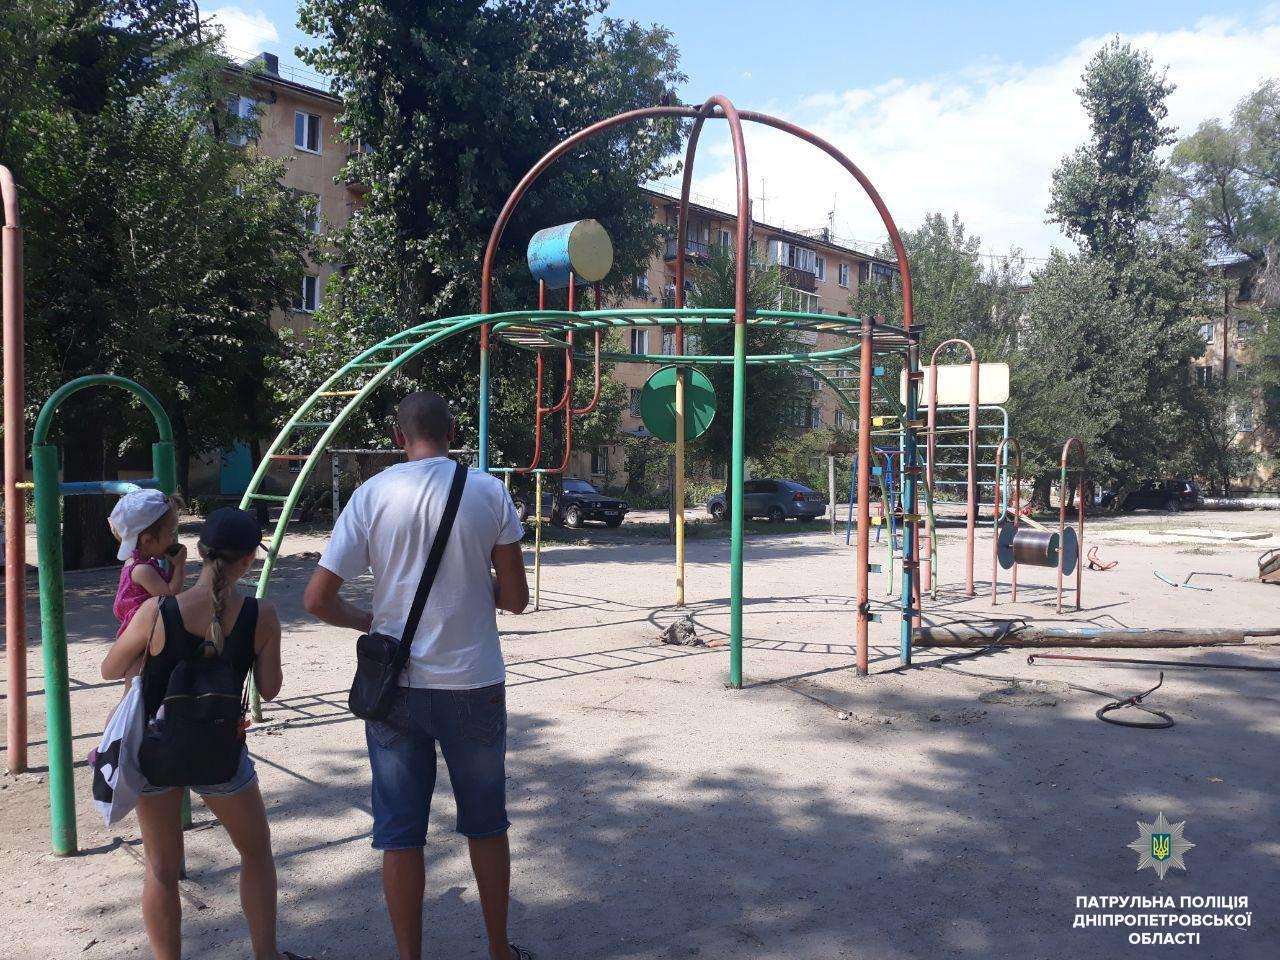 В Днепре неизвестные срезали детские качели, чтобы сдать на металлолом, - ФОТО, фото-2